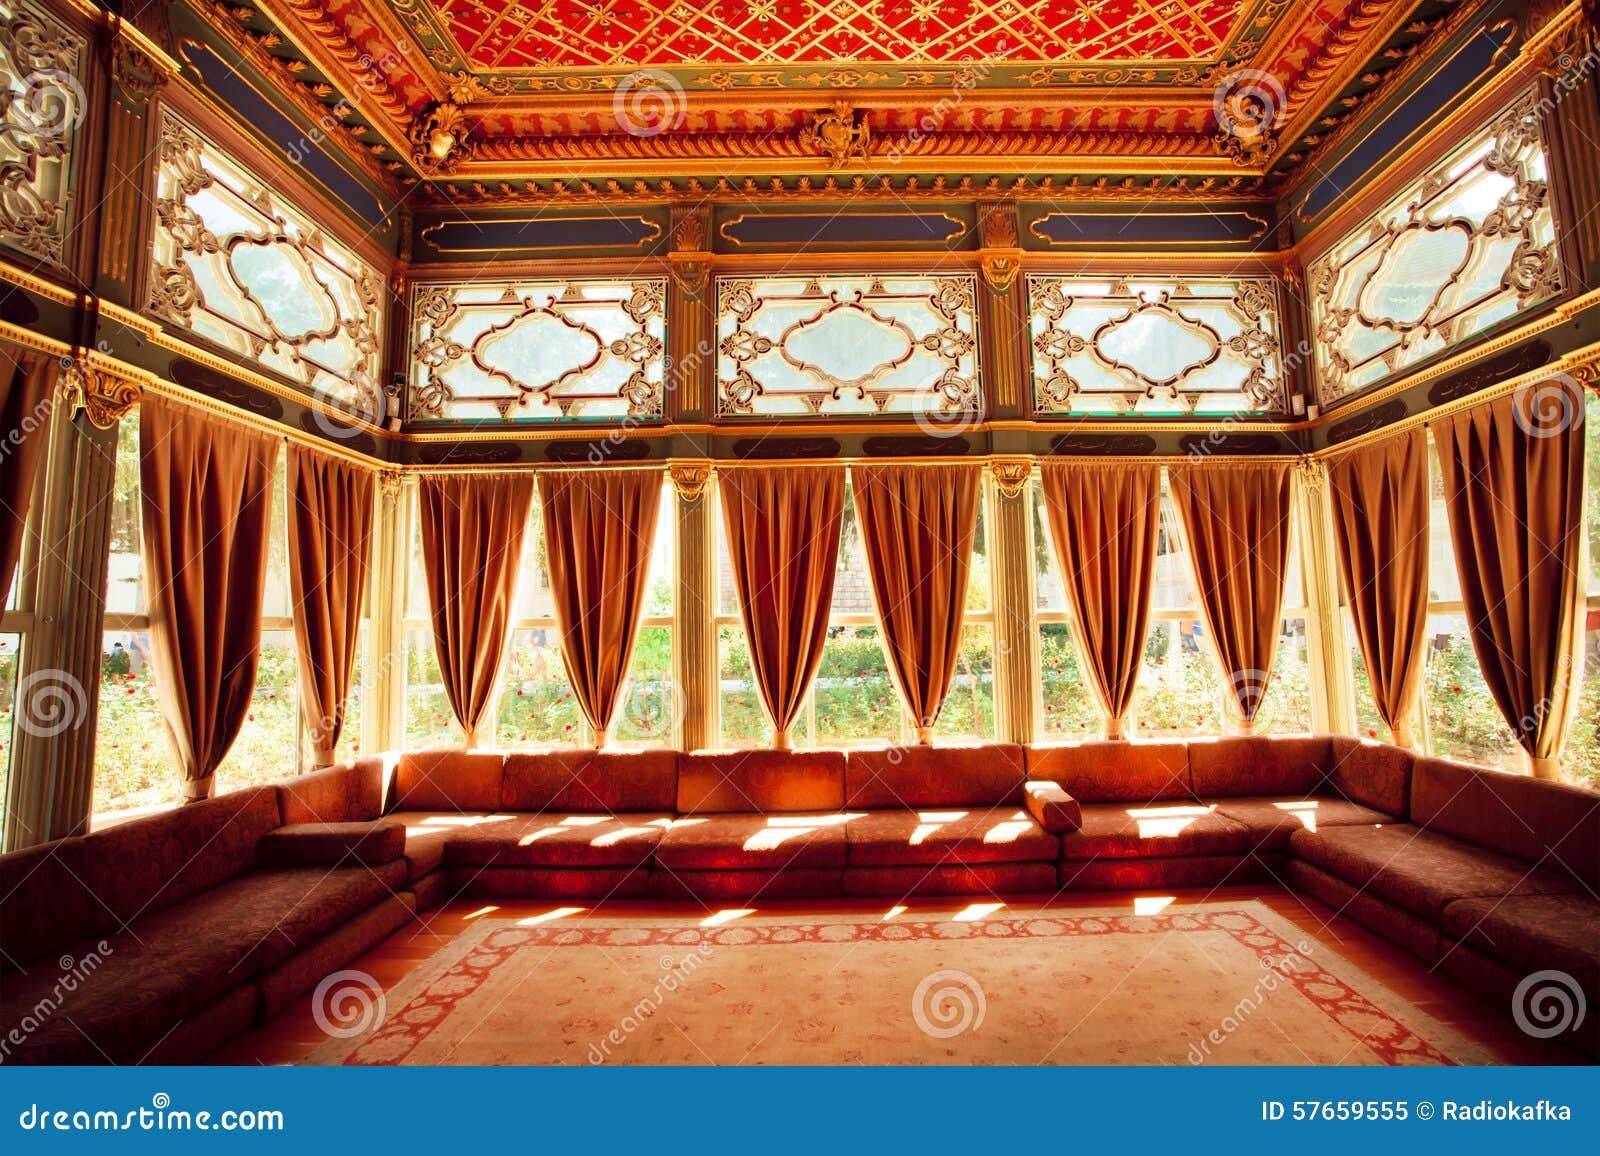 Turecki kolorowy sufit w tradycyjnym Osmańskim pokoju